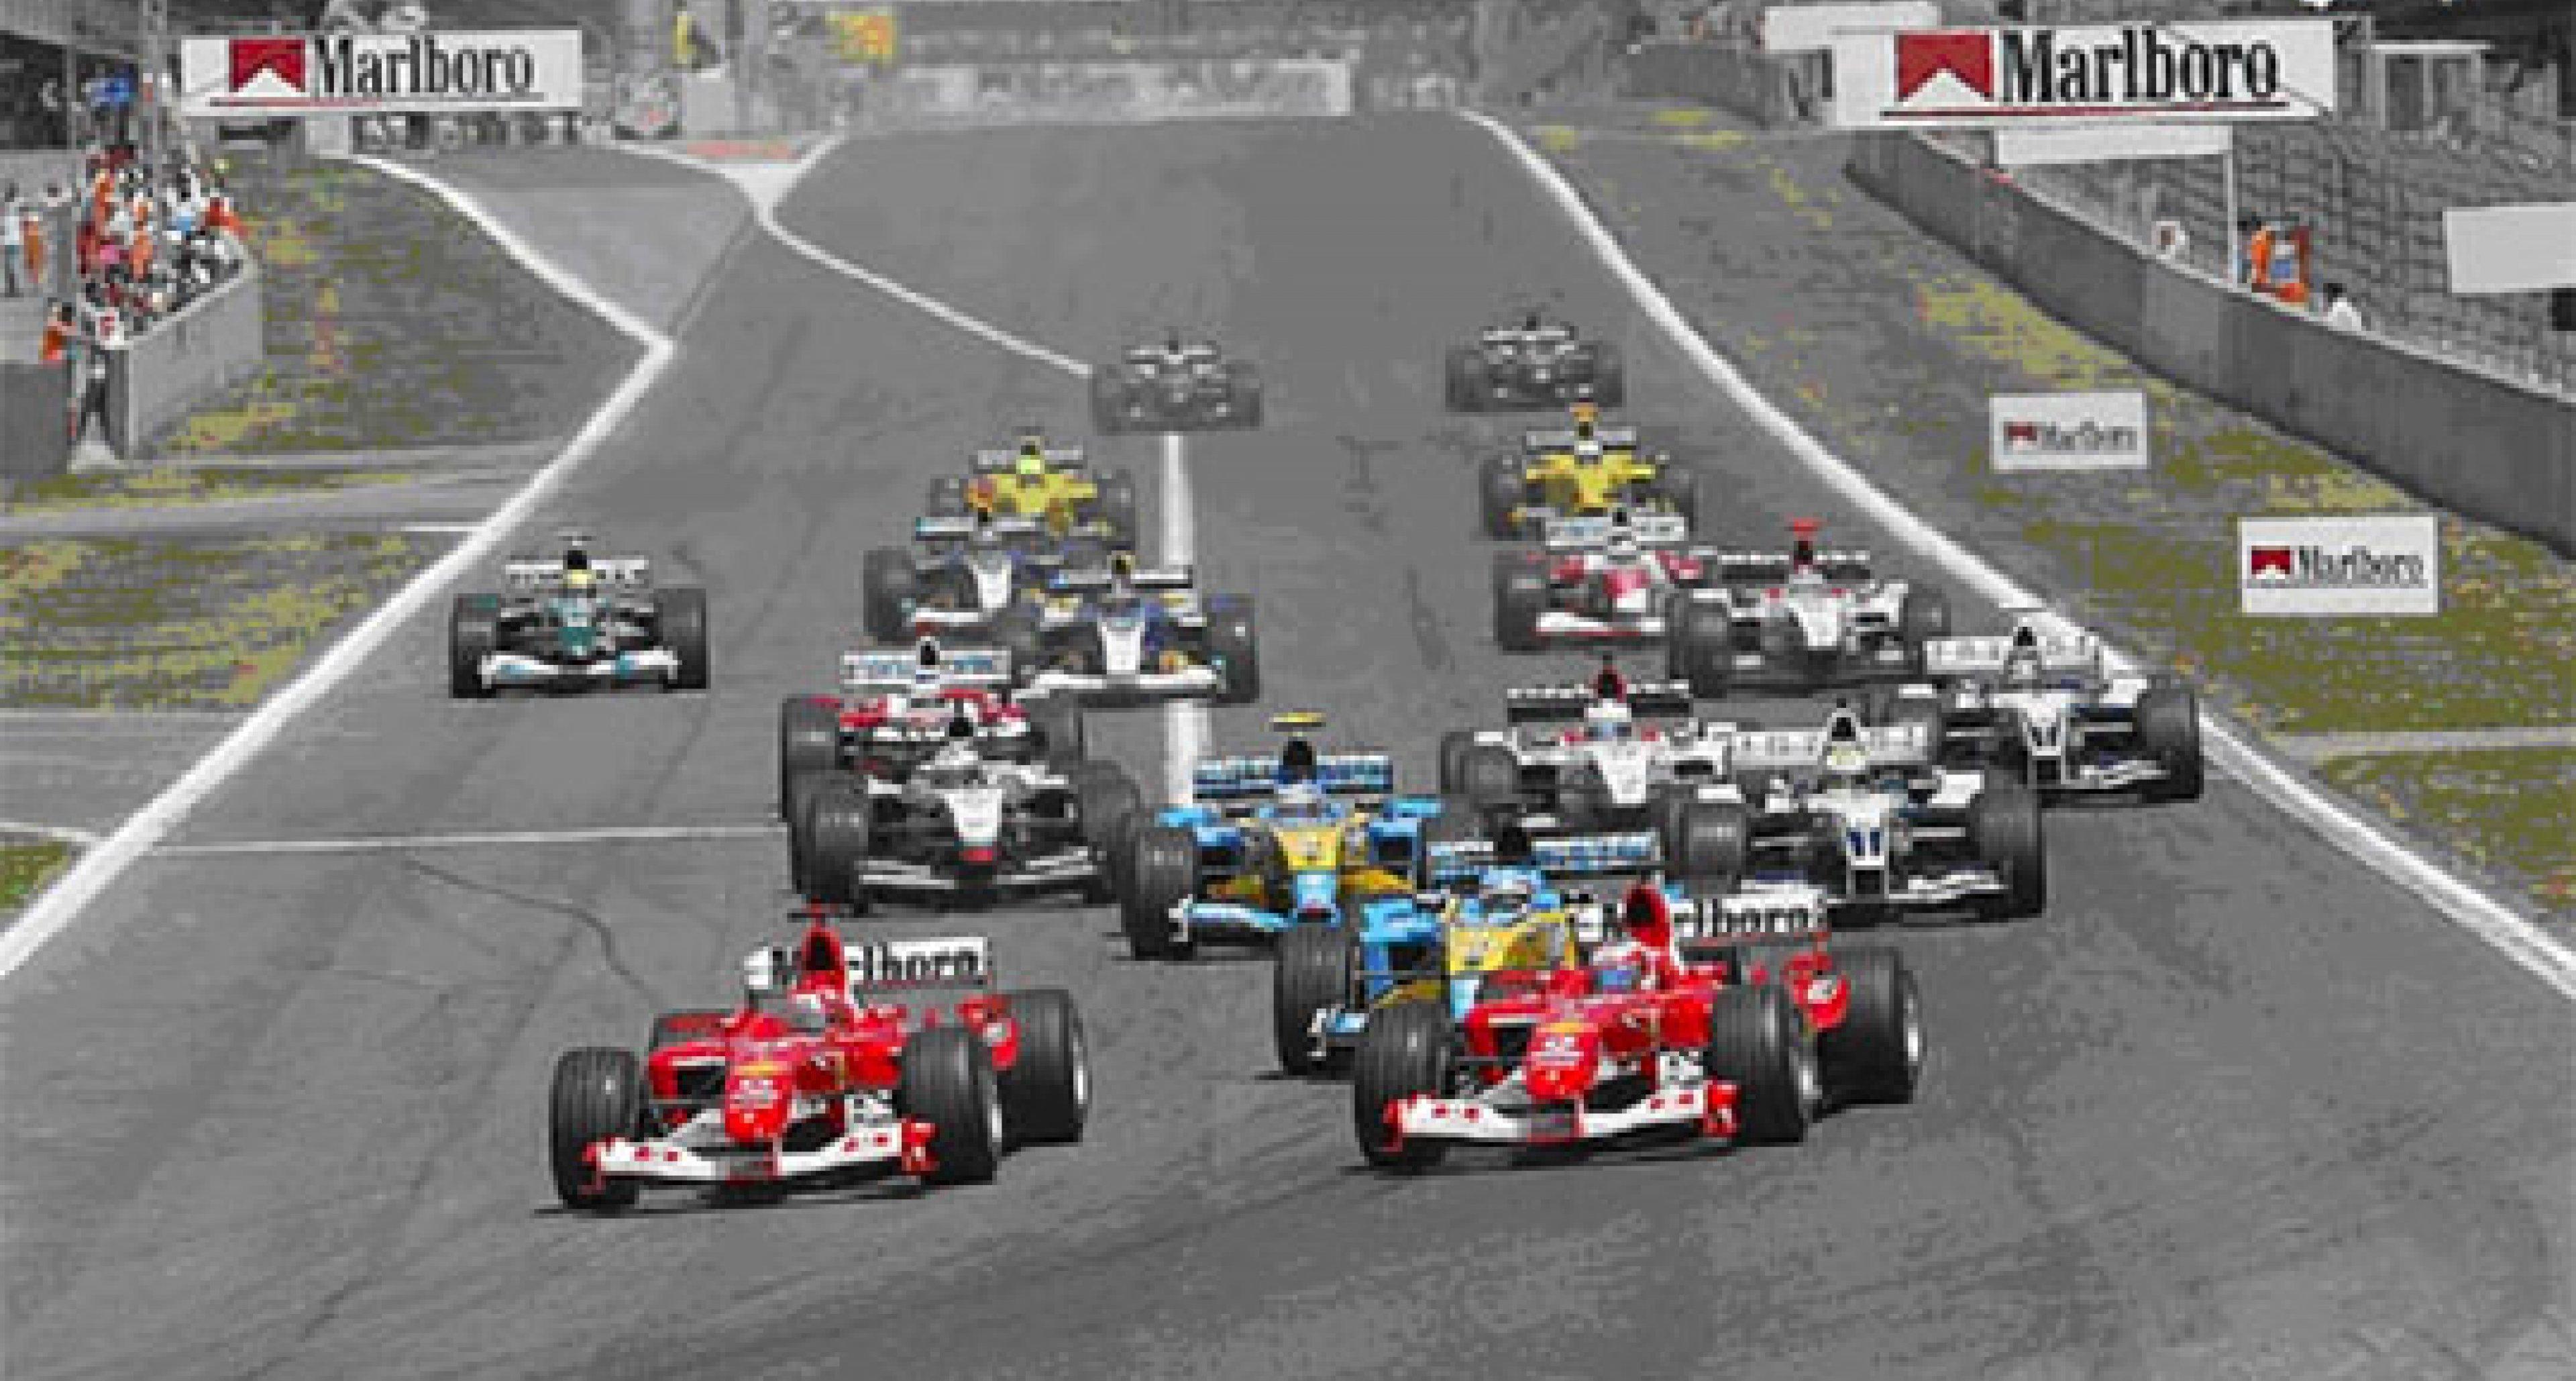 Formel 1 hautnah erleben – im Paddock Club VIP-Bereich